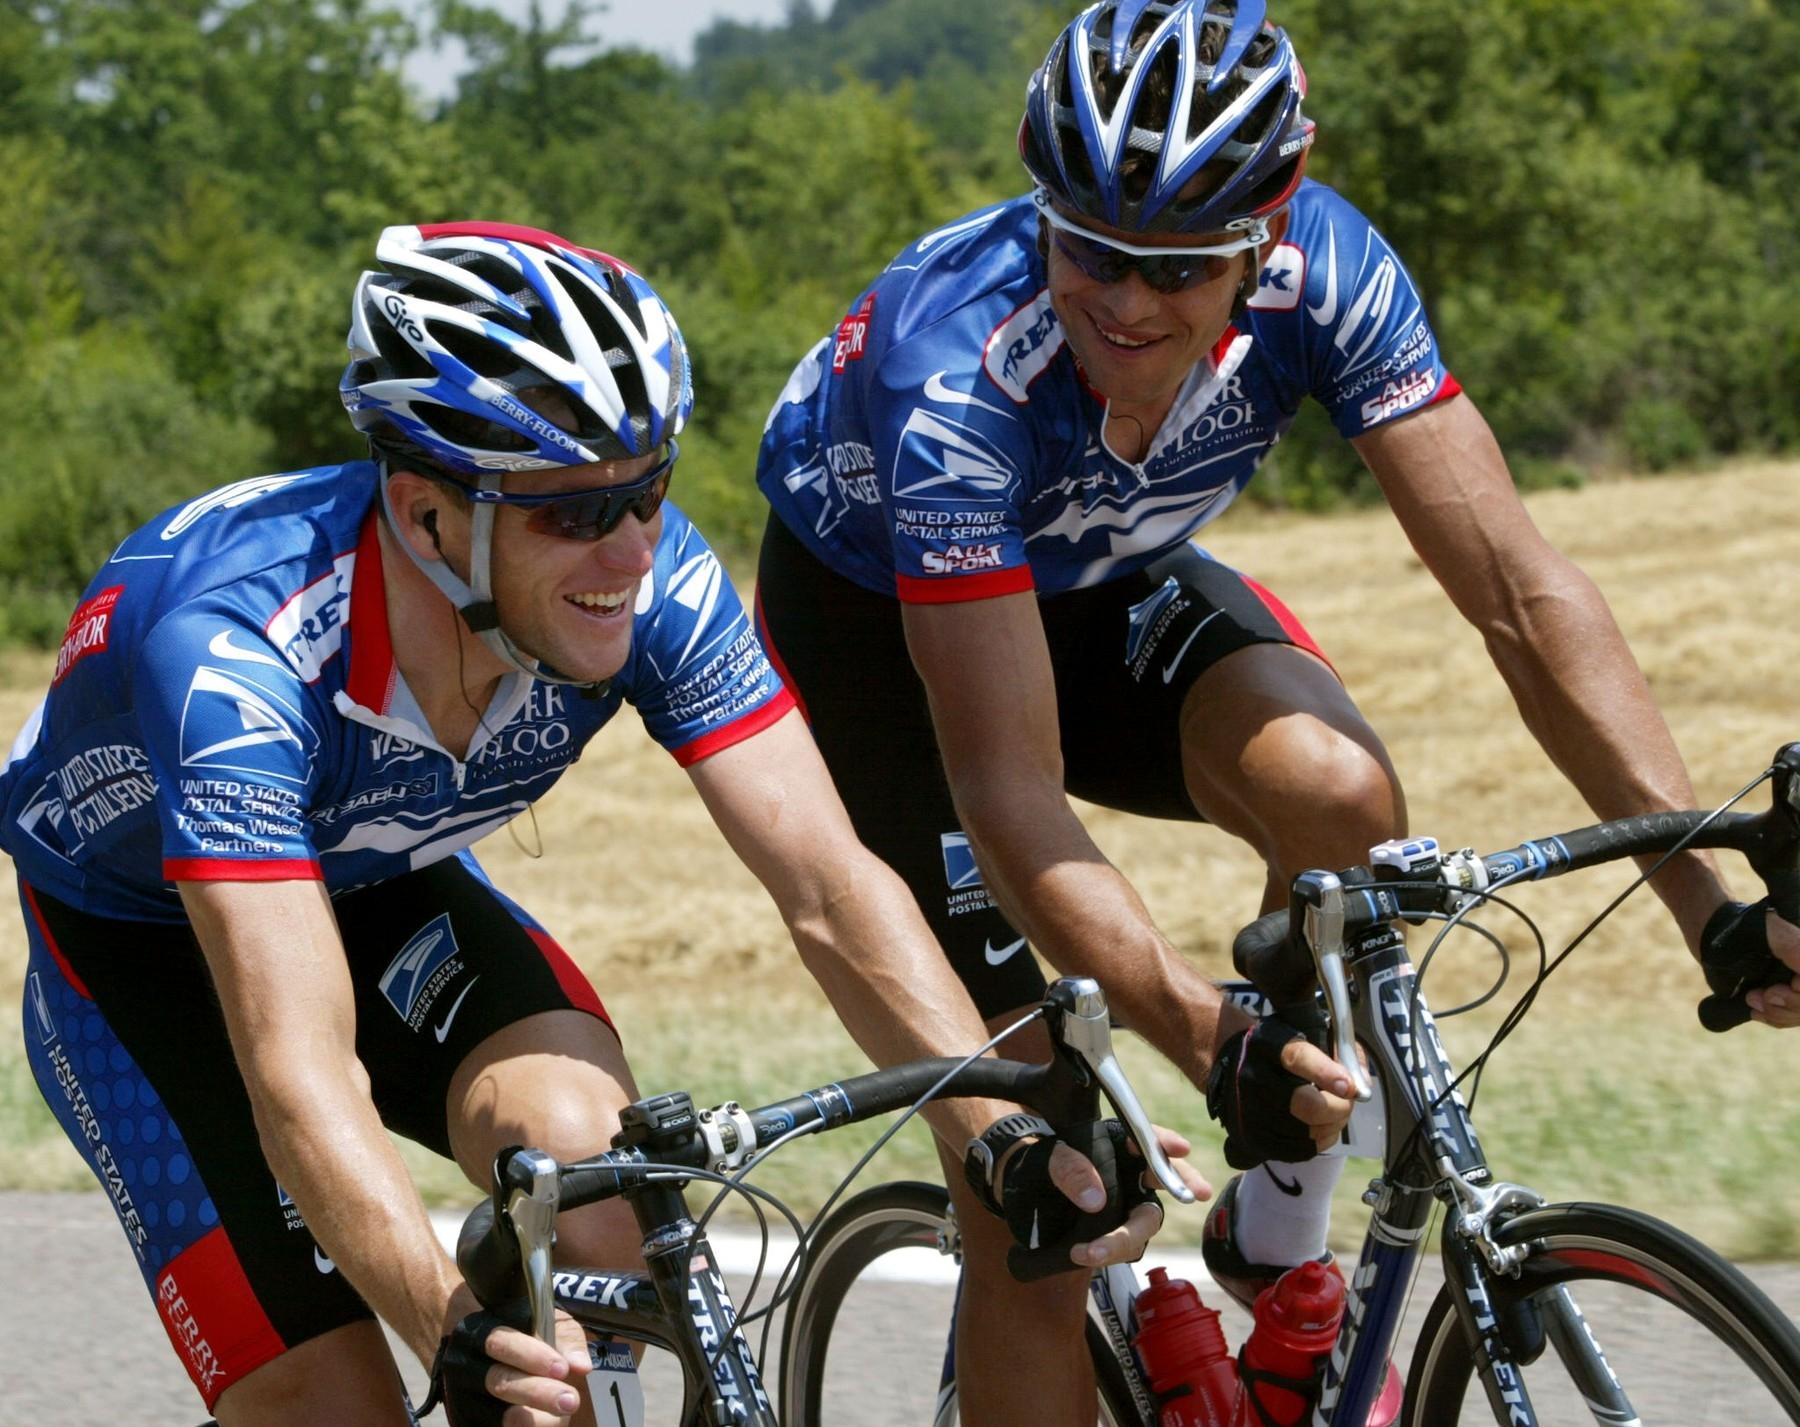 Pavel Padrnos (vpravo) a Lance Armstrong během Tour de France 2003. Foto: profimedia